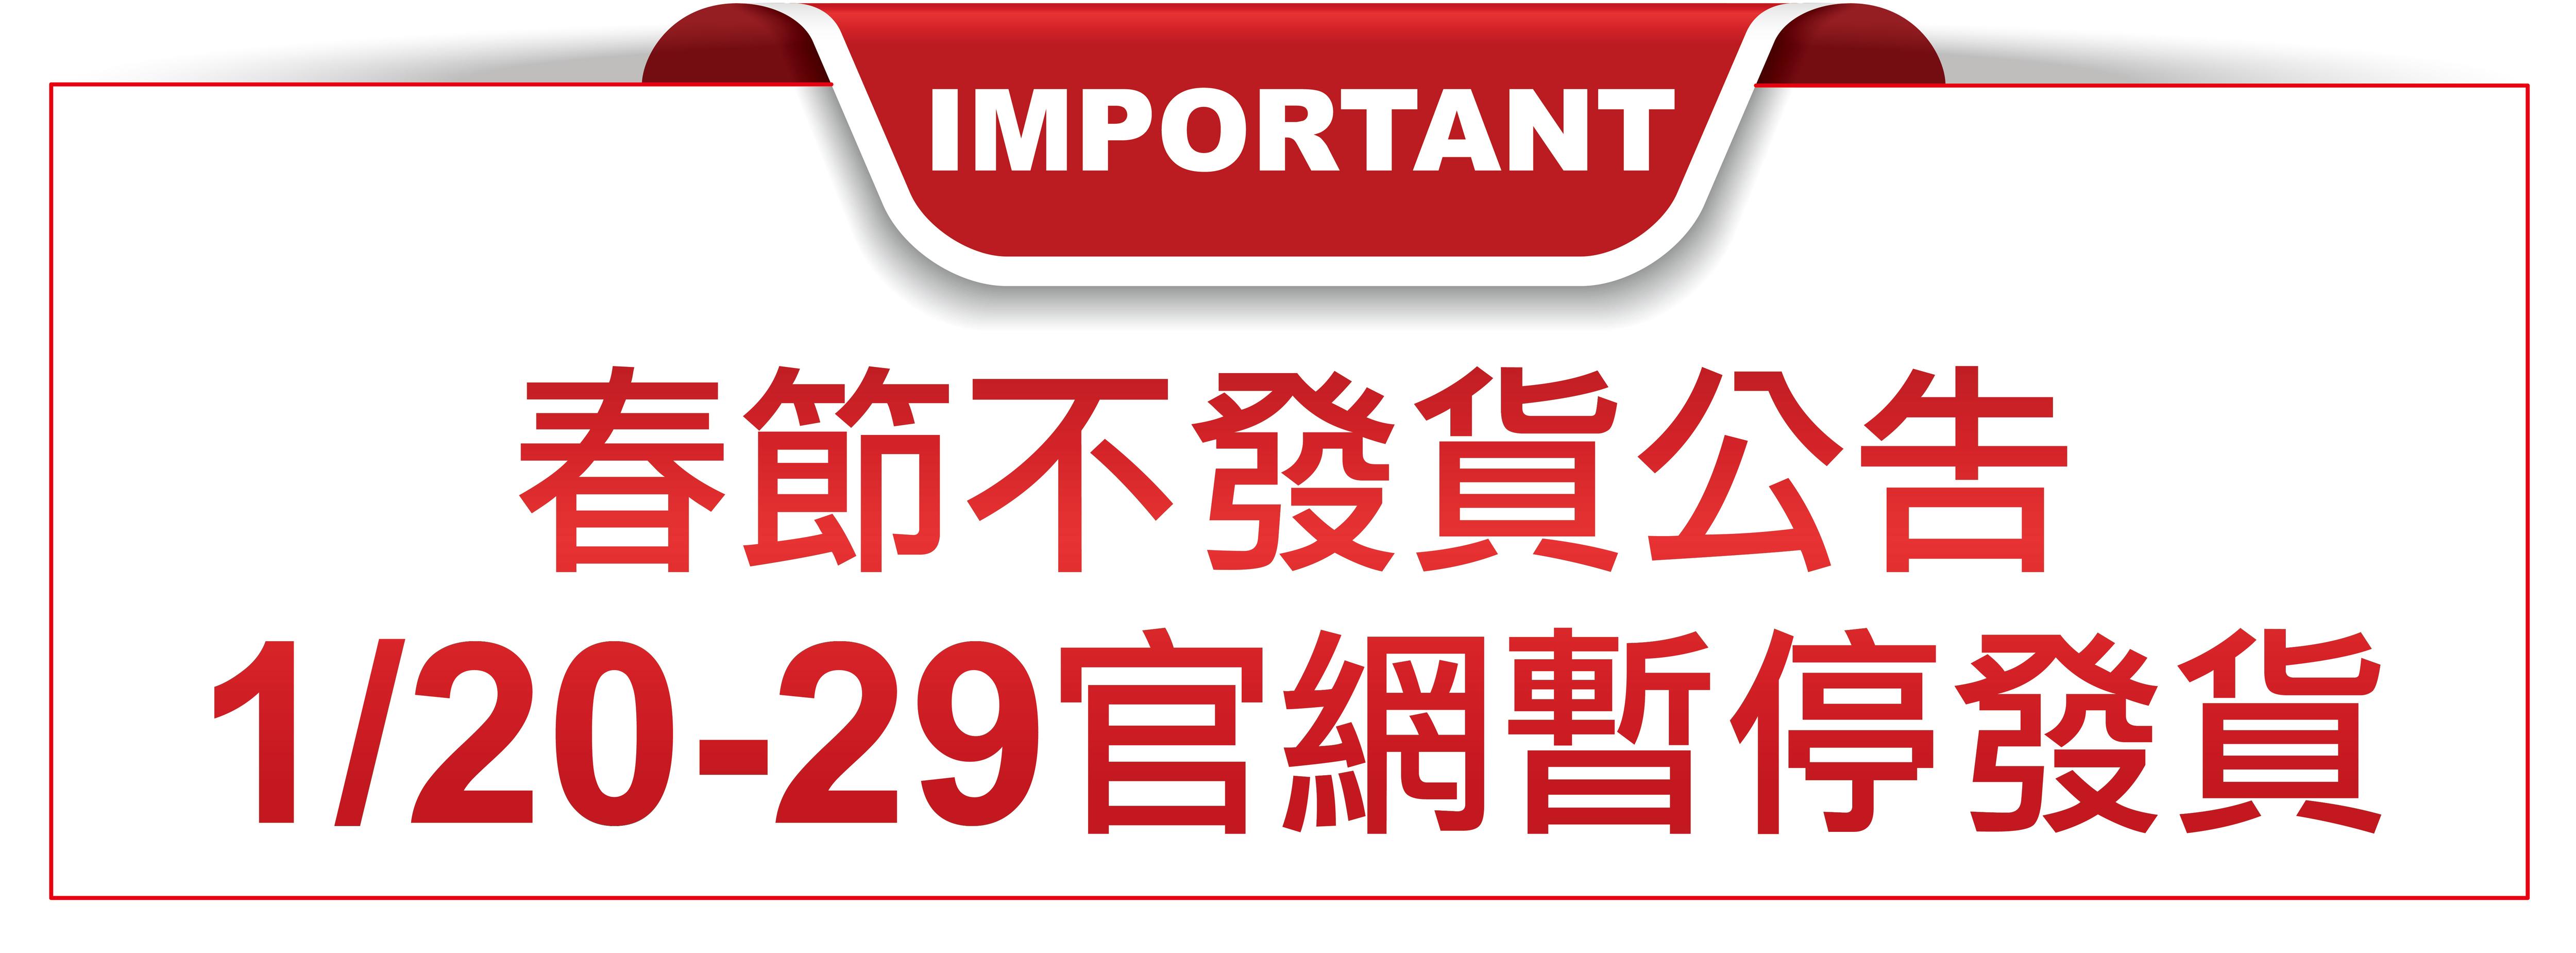 ALTEAM,新年優惠,2020,鼠年,藍牙耳機,台灣耳機品牌,小耳機,耳罩式耳機,音樂耳機